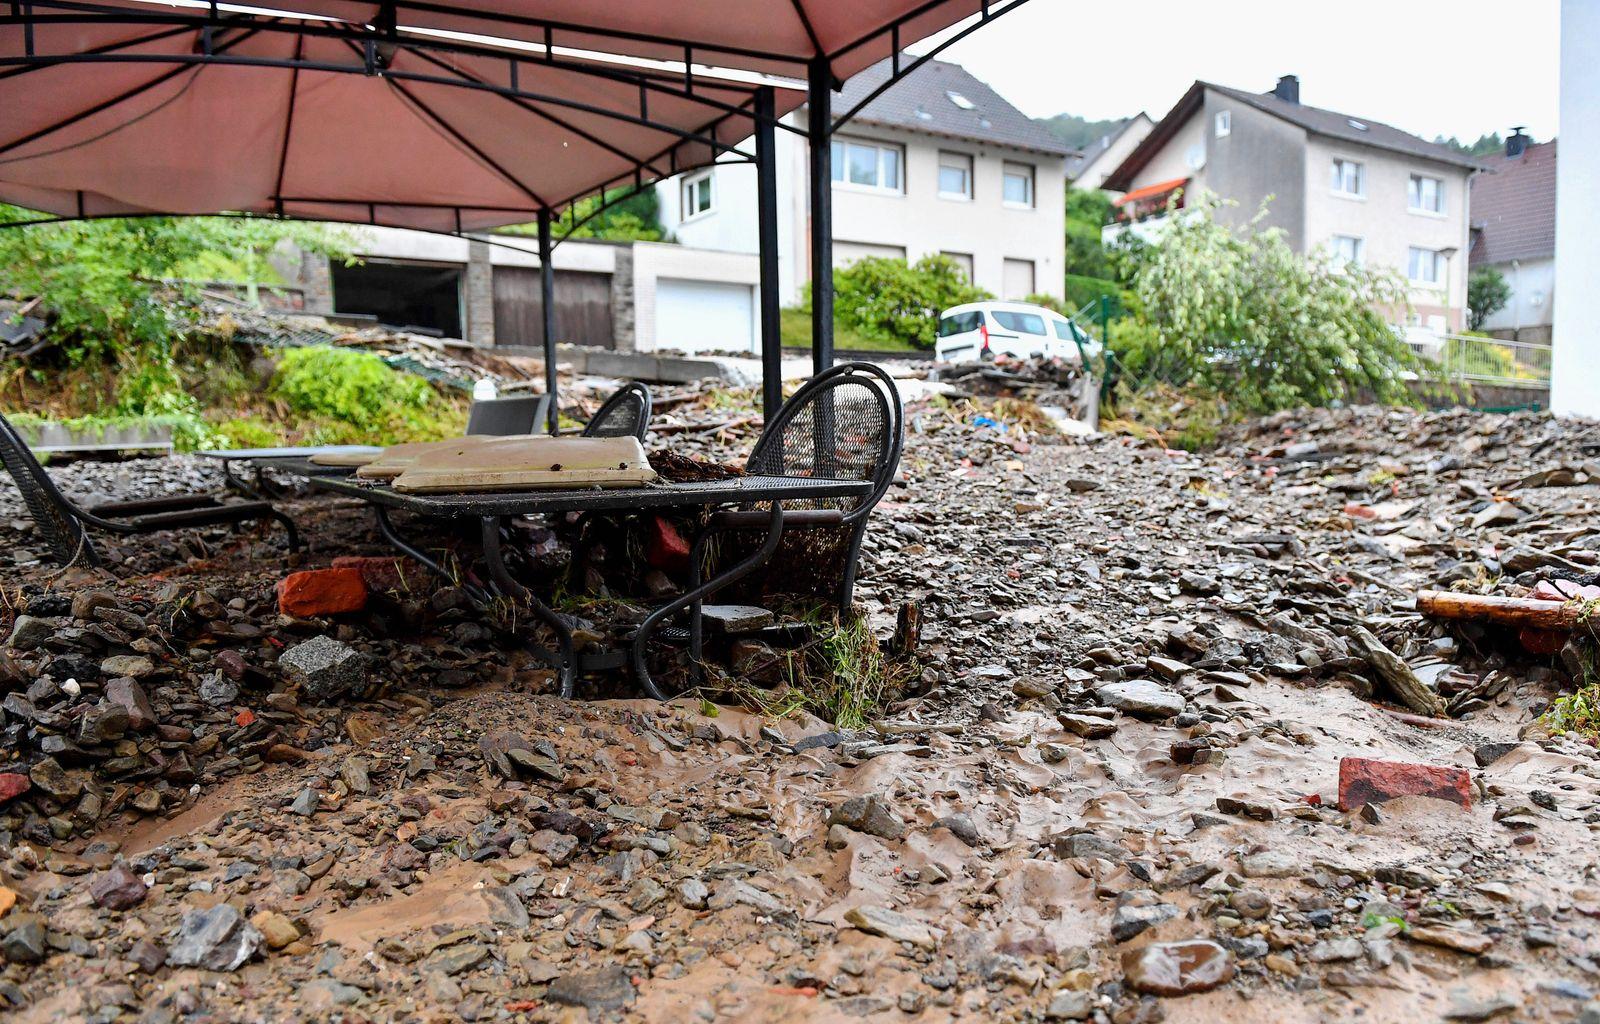 News Bilder des Tages Unwetter in Hagen, Unwetter in Hagen, Nach starken Regenfällen in der Nacht zum 14.07.2021 stehen